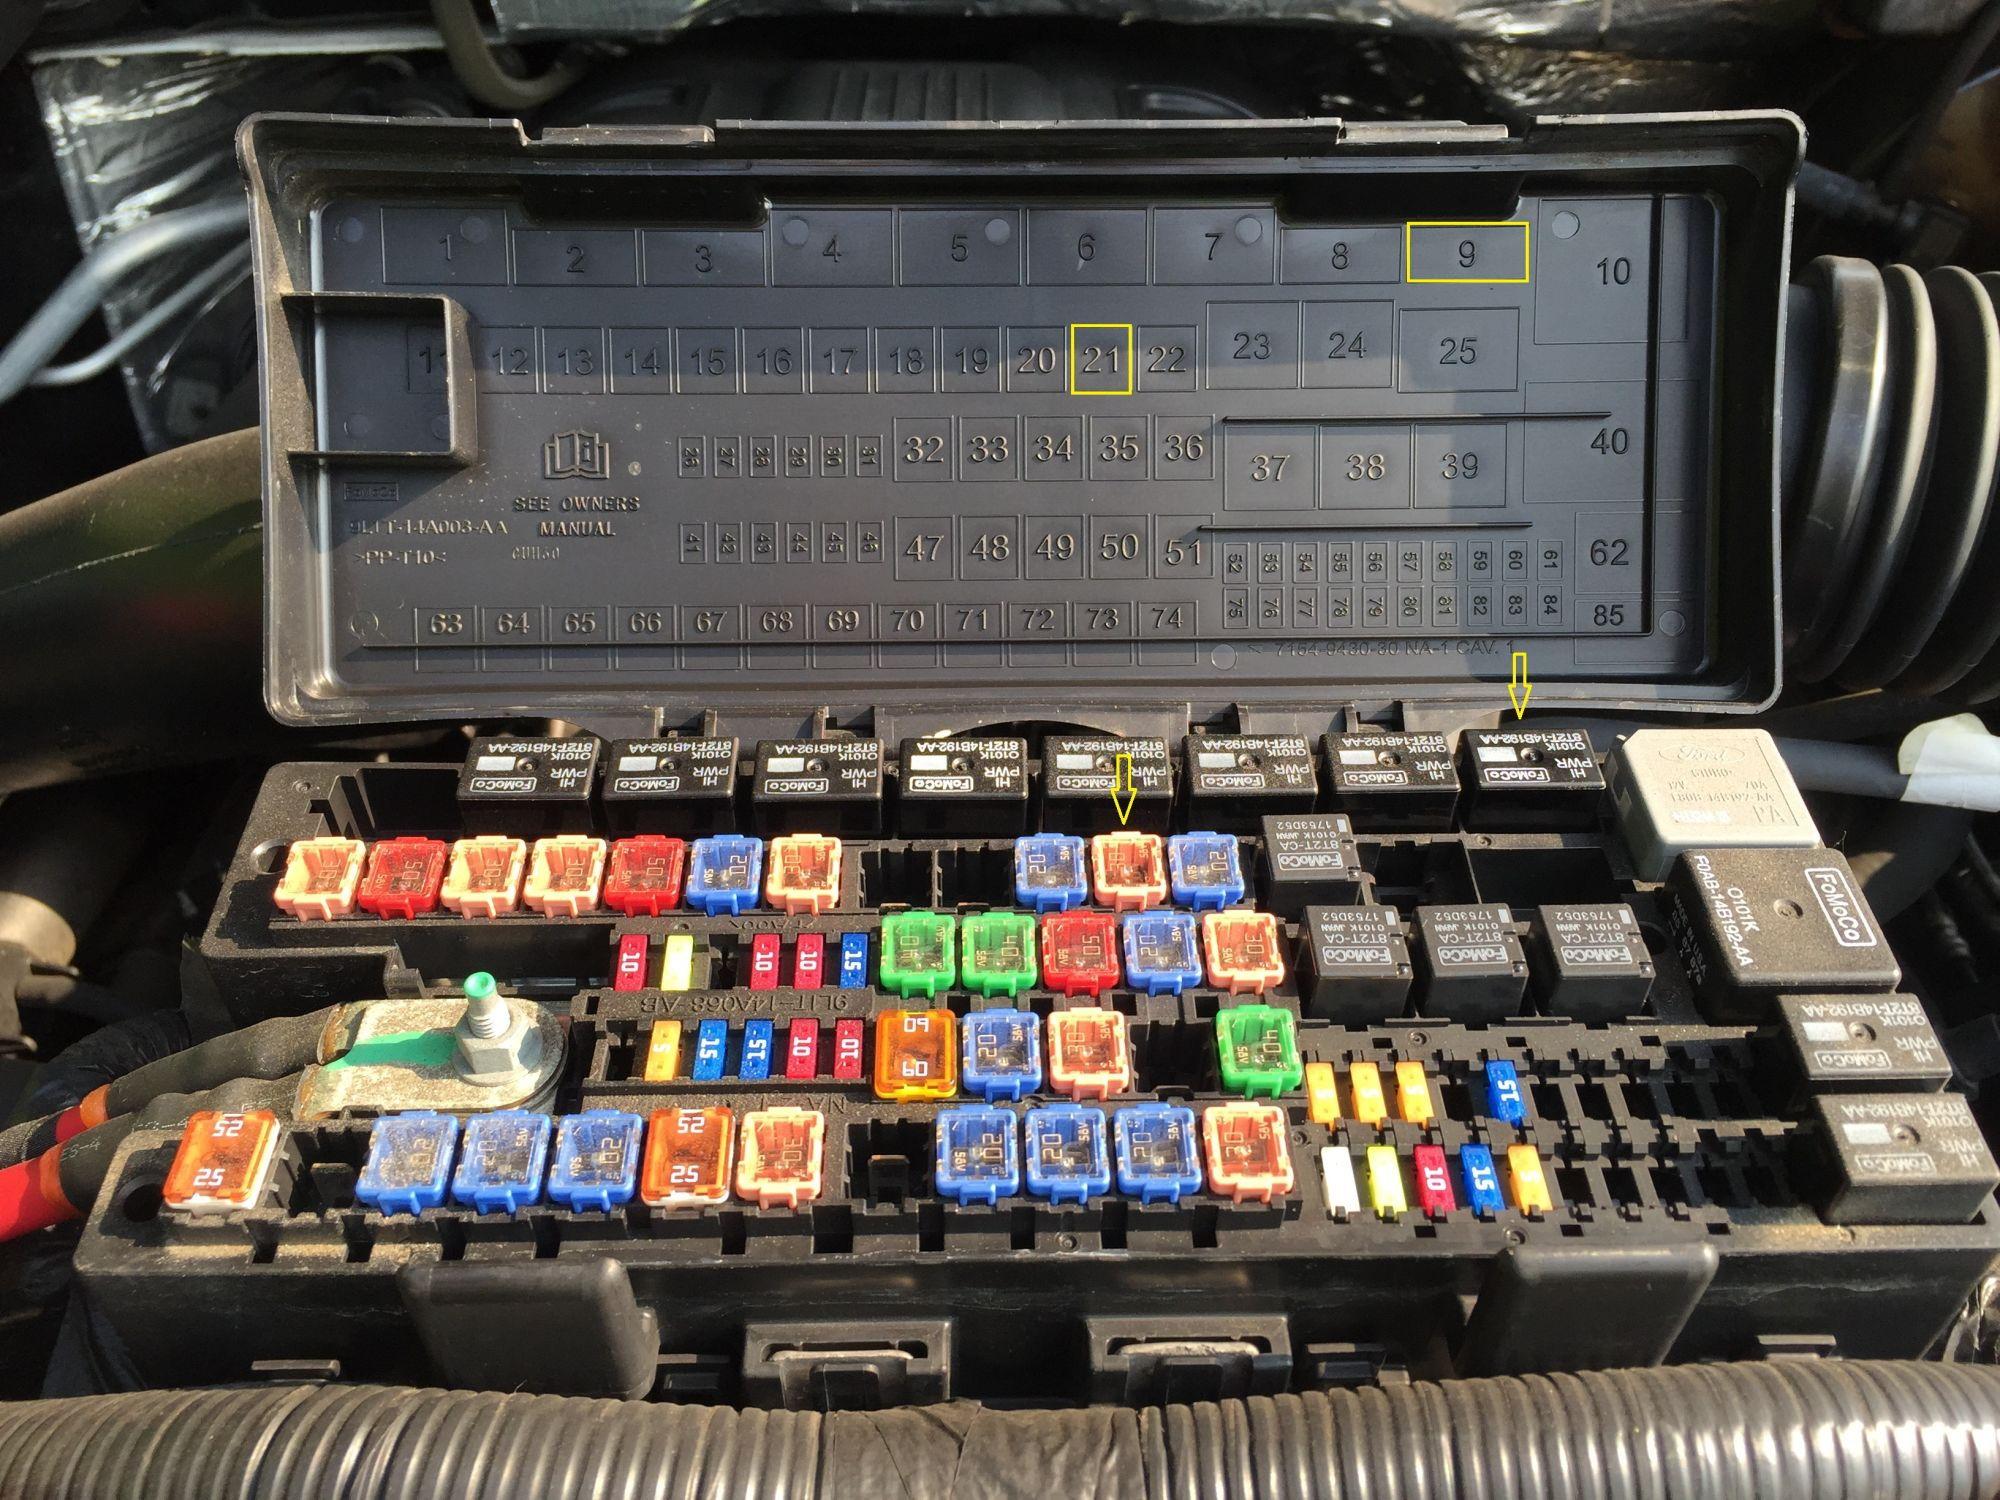 80-ford_fuse_relay_e2f4fc87c4fdb493bc6d6714f22d8dc0c26b79f0  Ford F Fuse Box on ford escape hybrid fuse box, 2001 f150 fuse box, 03 f150 fuse box, ford festiva fuse box, chevrolet equinox fuse box, ford ranger fuse box, ford maverick fuse box, ford explorer fuse box, lincoln mark lt fuse box, buick lesabre fuse box, ford contour fuse box, ford f100 fuse box, chevrolet impala fuse box, ford focus se fuse box, ford f-750 fuse box, 1996 ford fuse box, lincoln continental fuse box, ford super duty fuse box, pontiac firebird fuse box, ford f350 diesel fuse box,